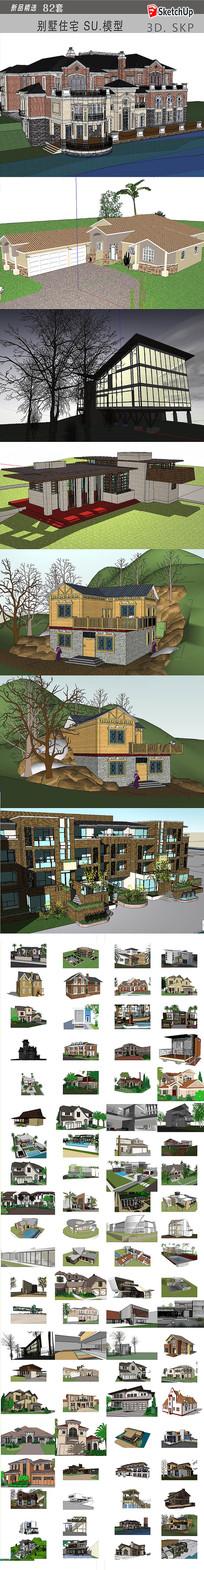 欧式别墅住宅SU模型